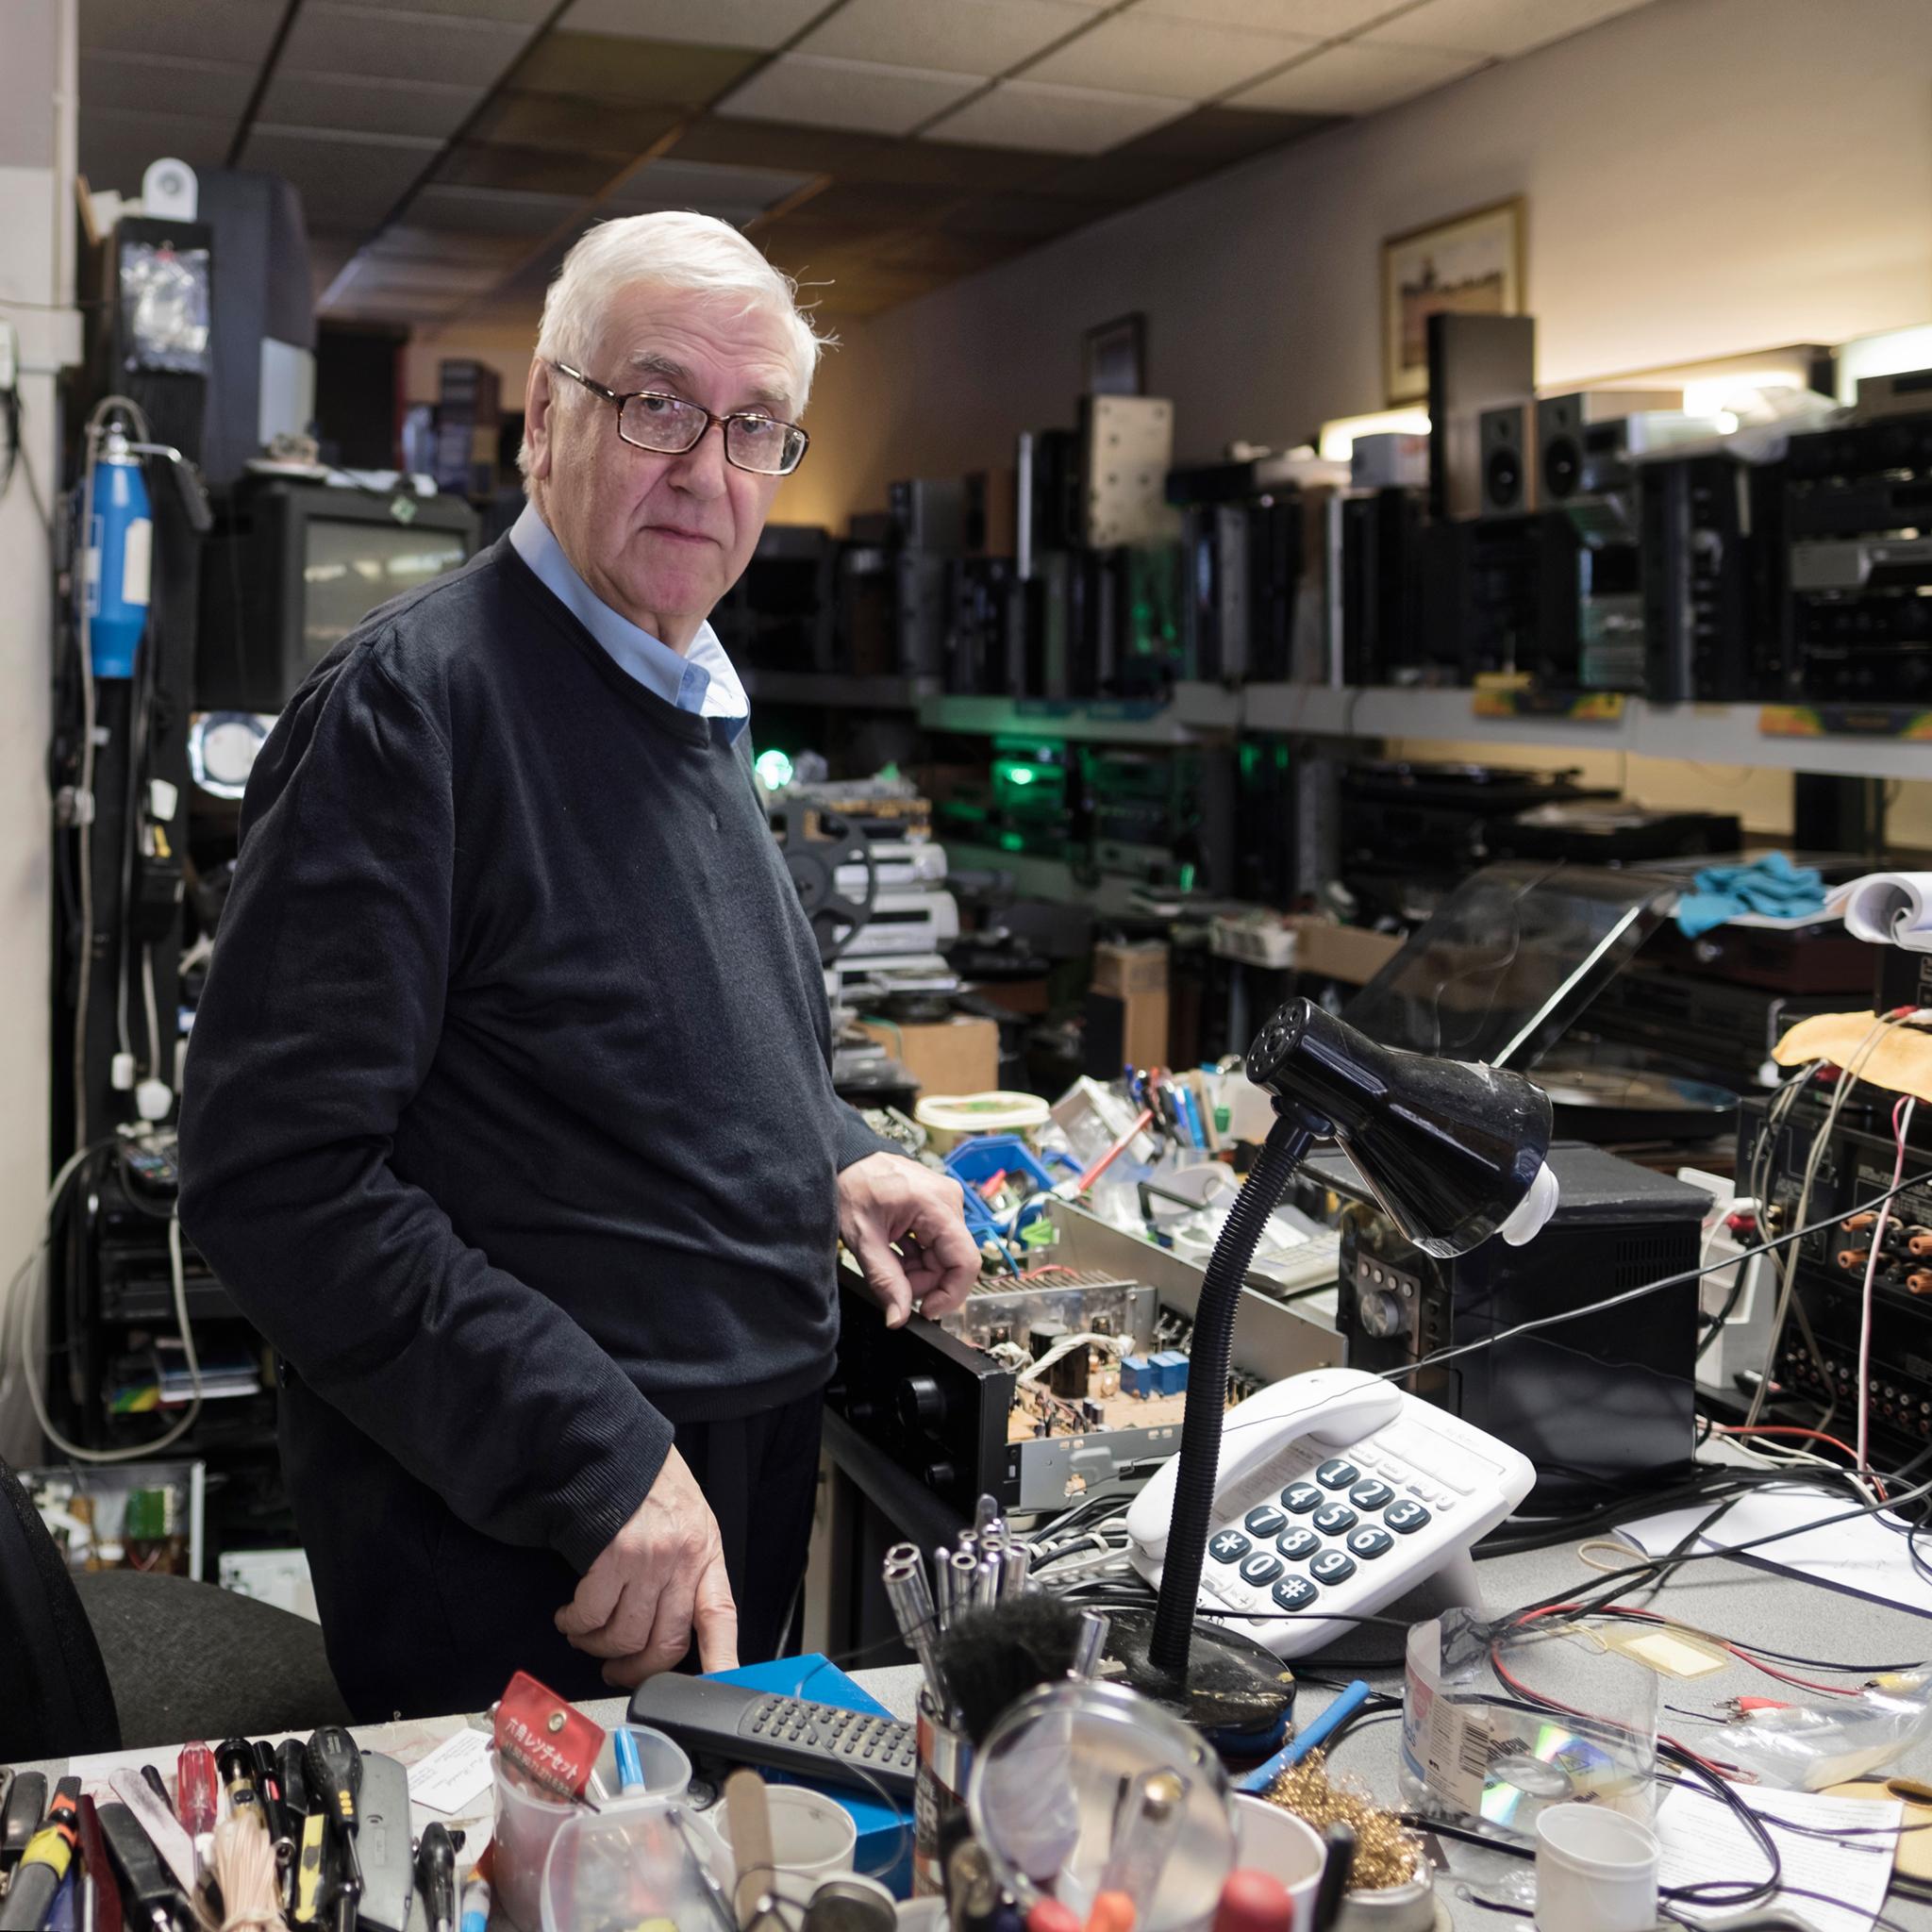 Alfonso, Repairer of aging Hi-Fi